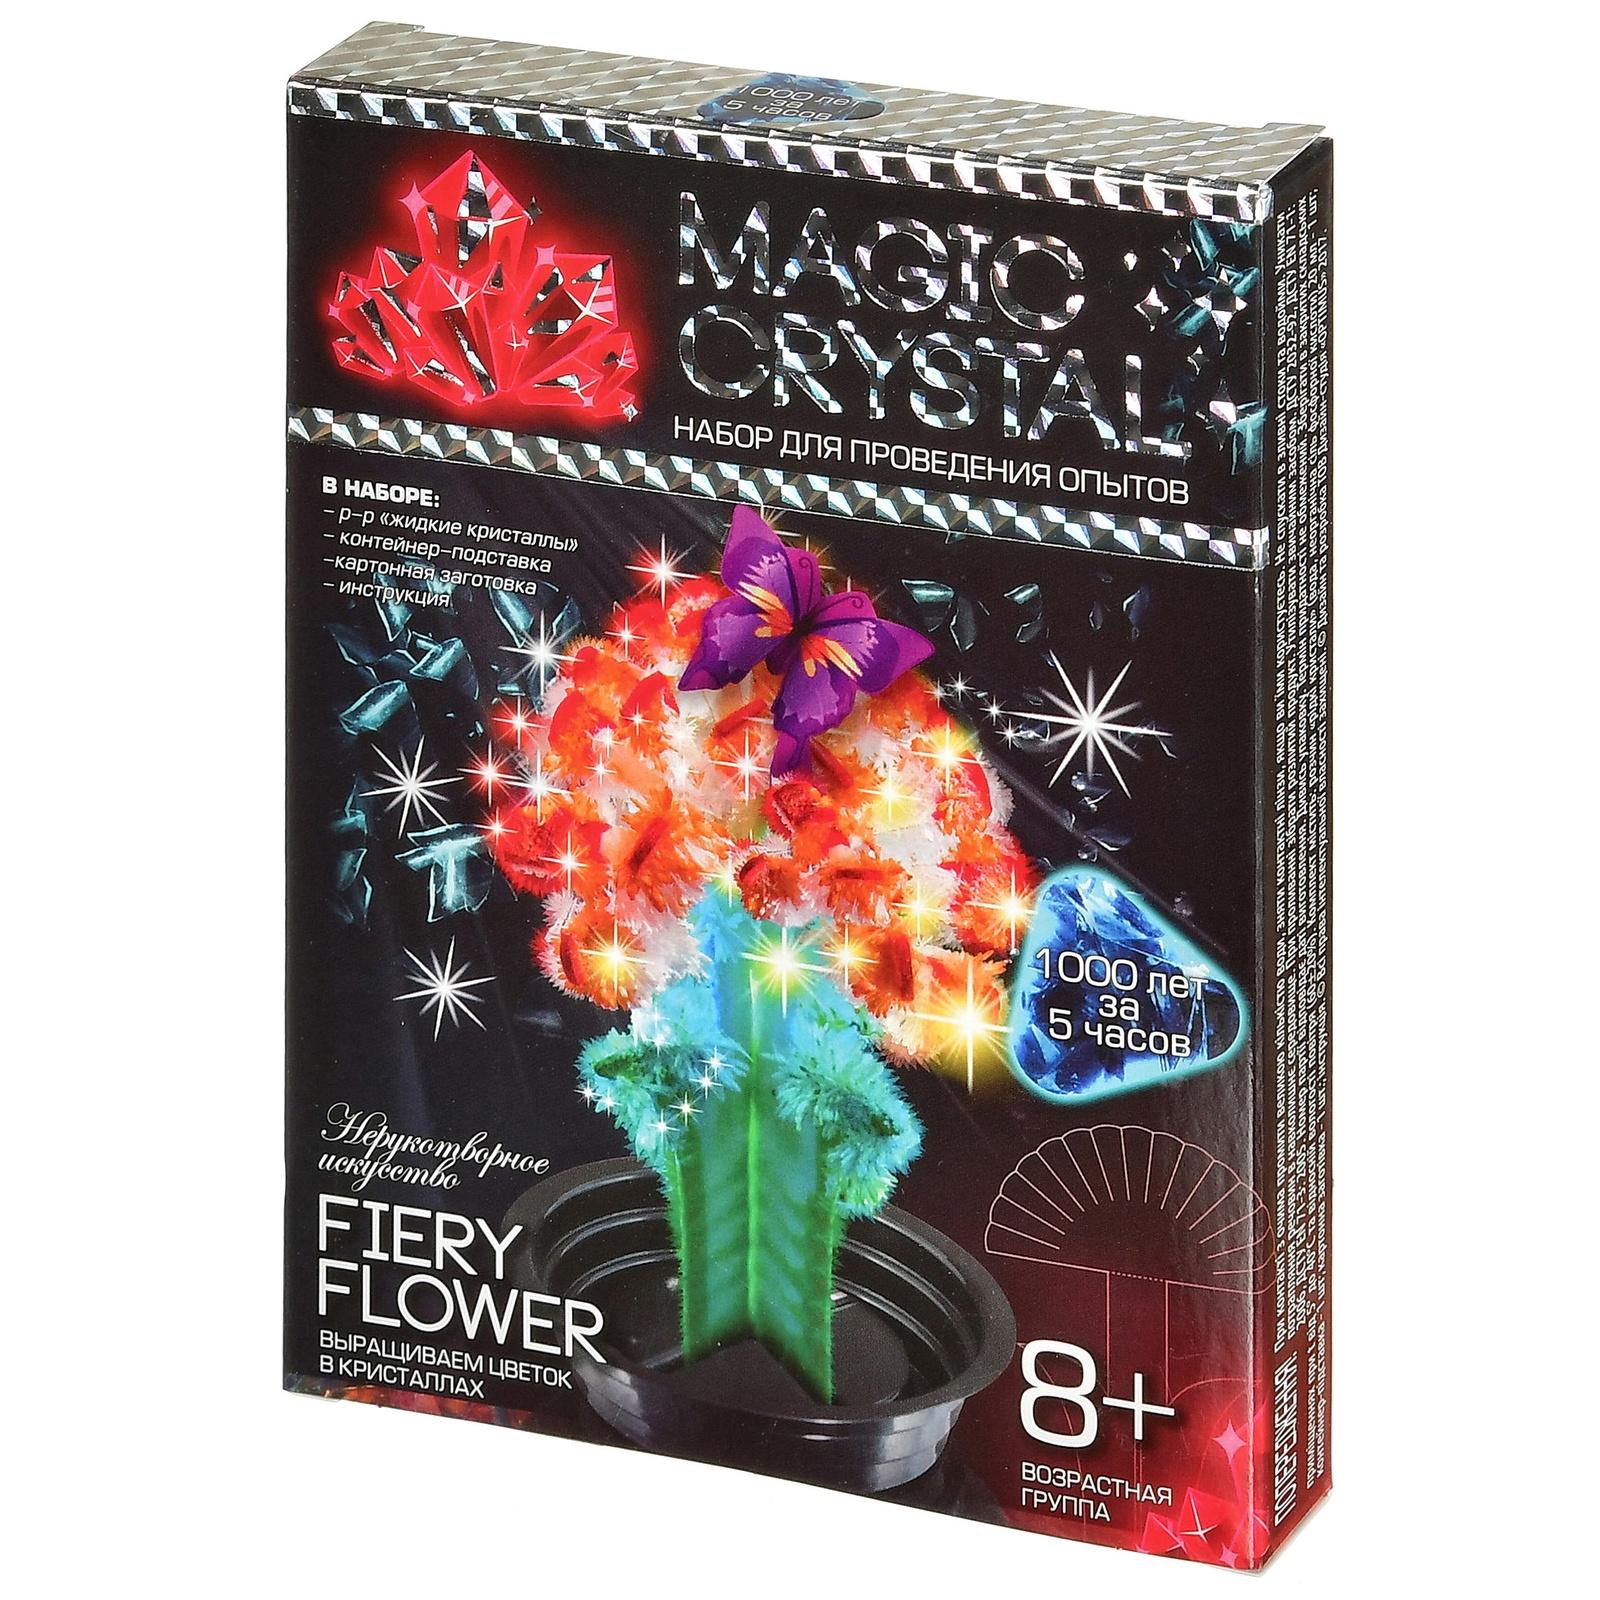 Купить DANKO TOYS Набор для проведения опытов №8 Нерукотворное искусство. Fiery flower OMC-01-08, Наборы для опытов